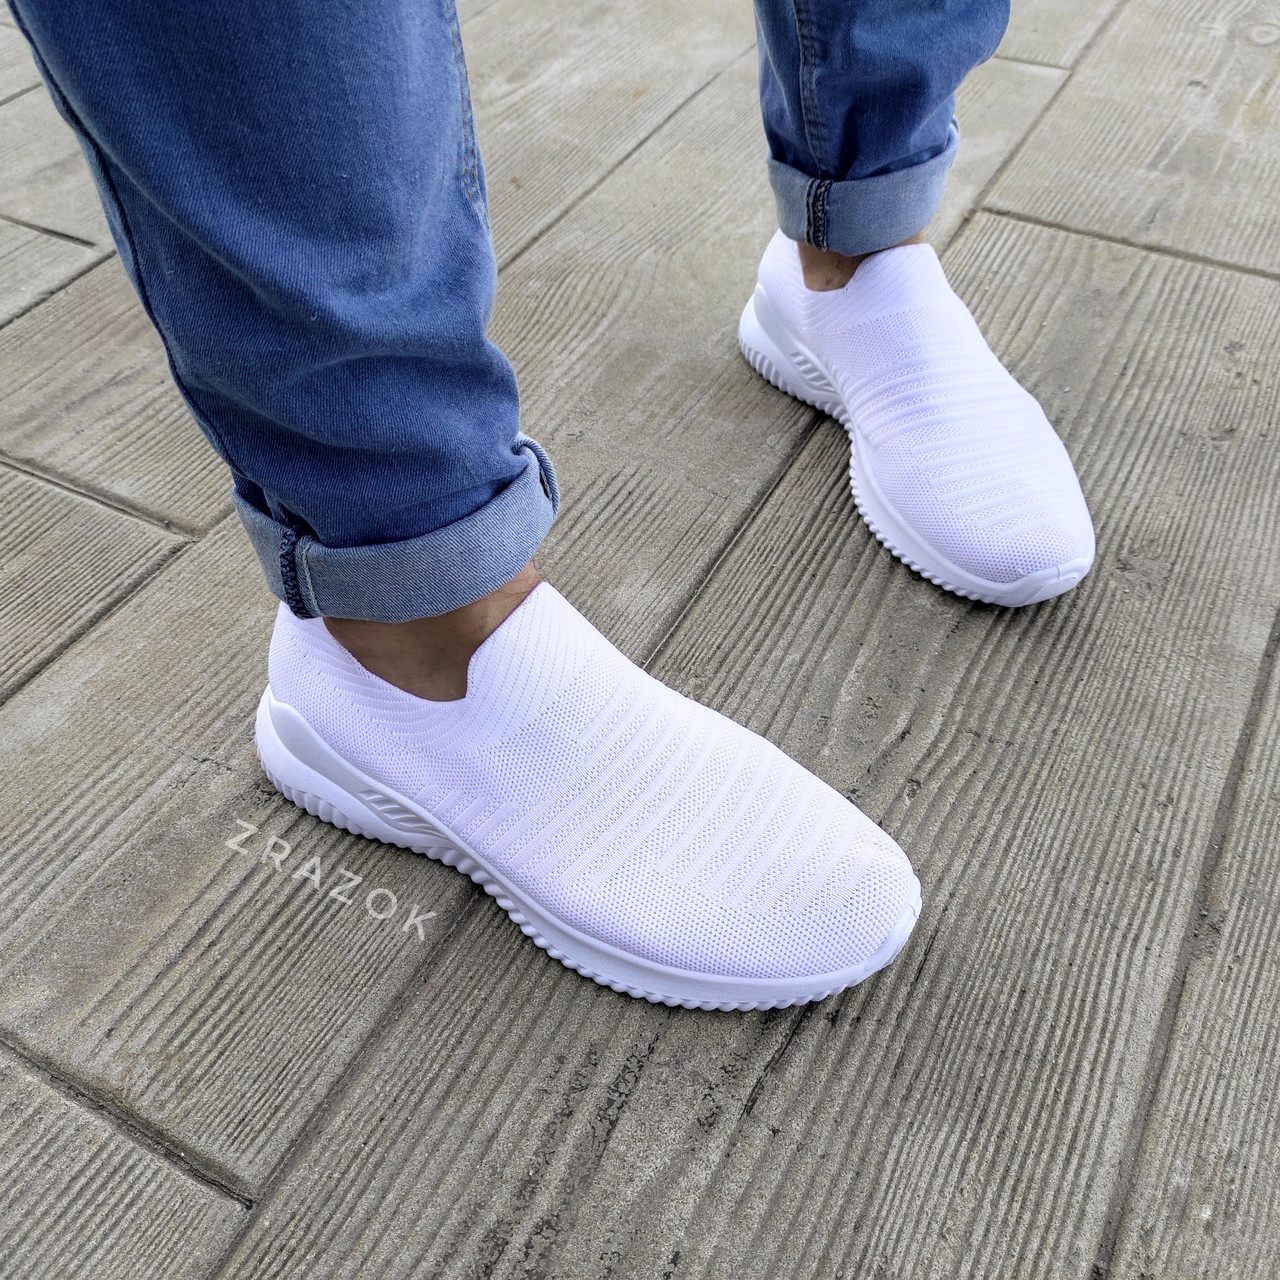 Белые мужские кроссовки носки беговые тканевые текстильные летние легкие